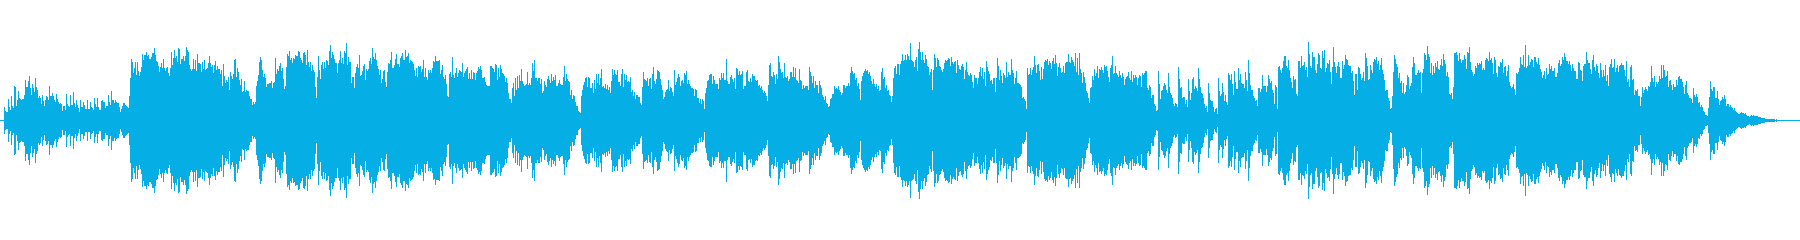 ファンタジックなオルゴール風オーケストラの再生済みの波形